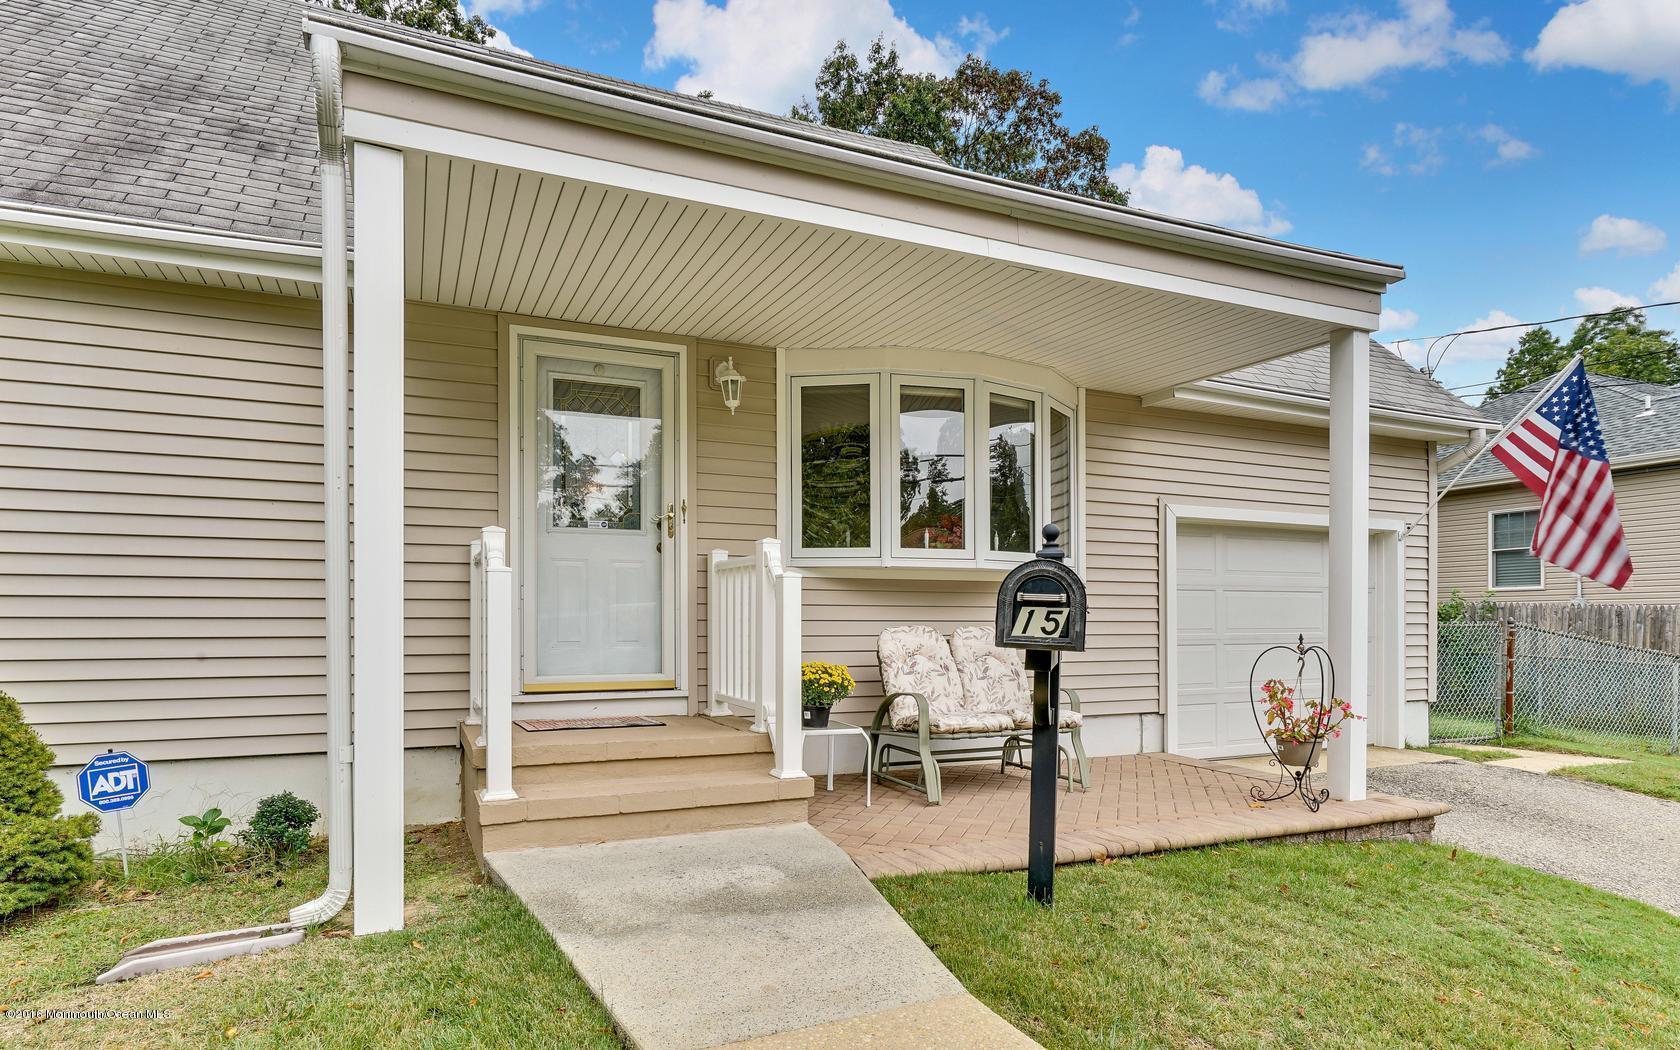 Photo of home for sale at 15 Illinois Avenue Avenue, Jackson NJ